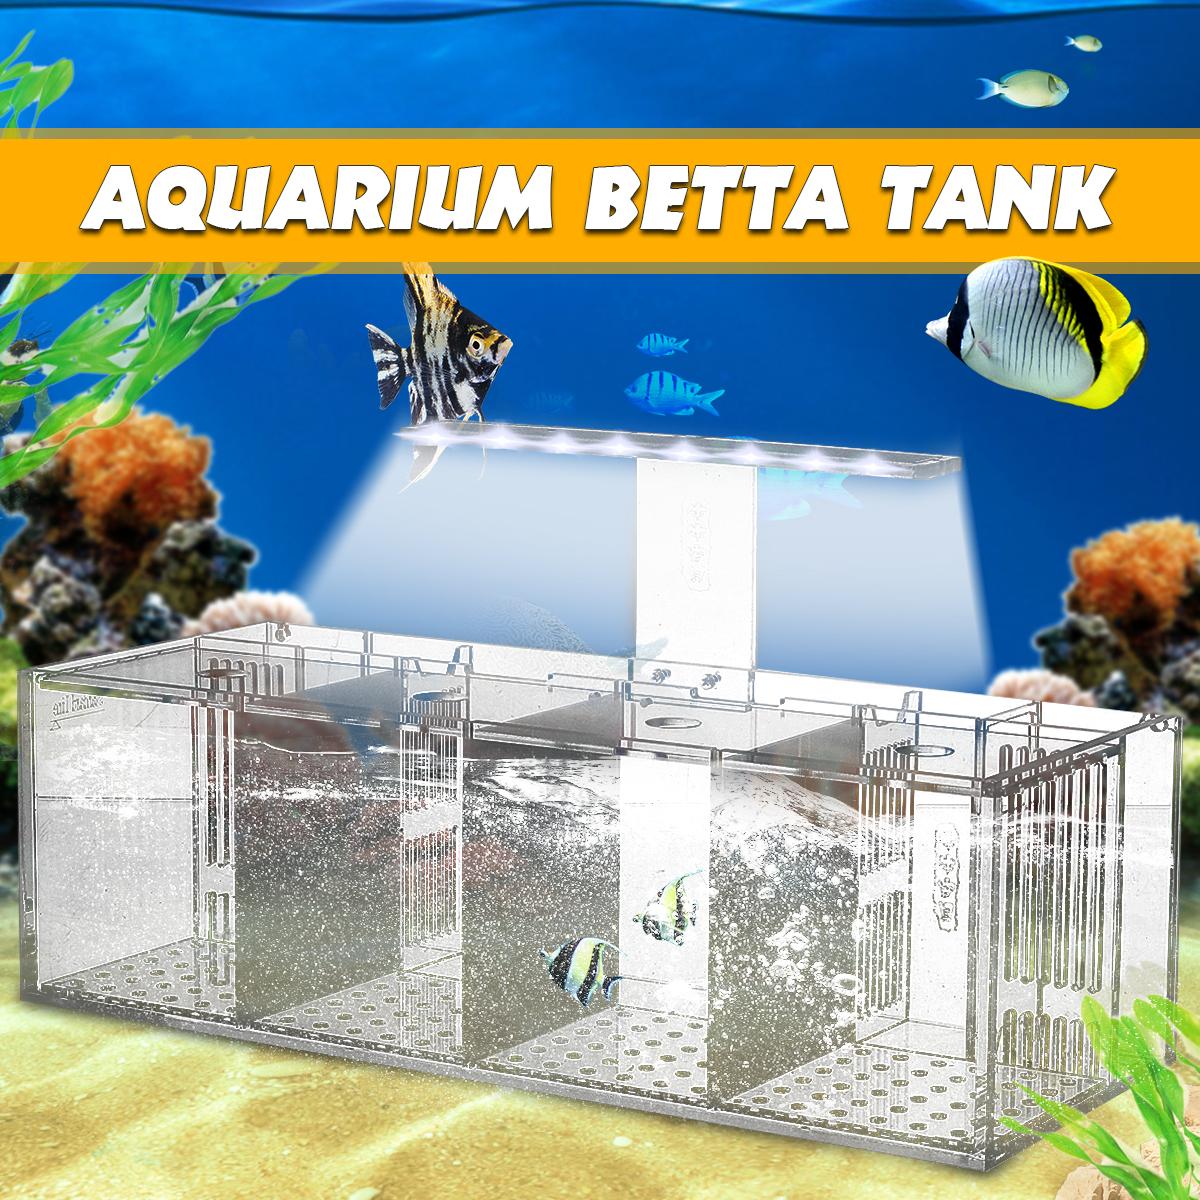 Bể Cá Betta Mini Trong Suốt Bằng Acrylic Có Đèn LED, Với Máy Bơm Nước